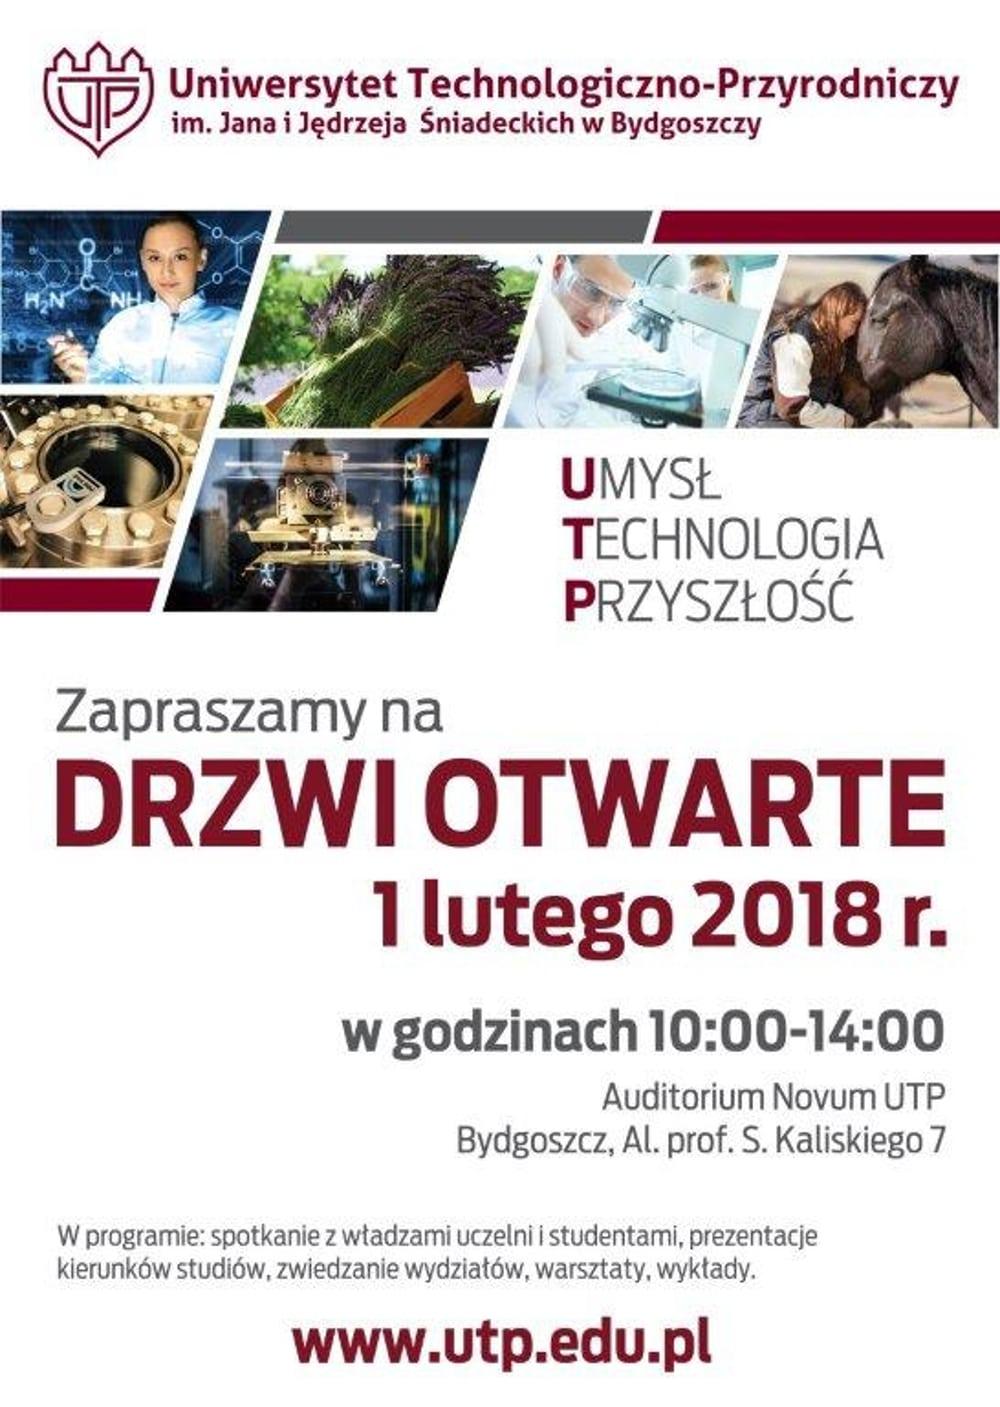 Wydarzenie odbędzie się 1 lutego 2018 roku w godzinach 10:00-14:00.